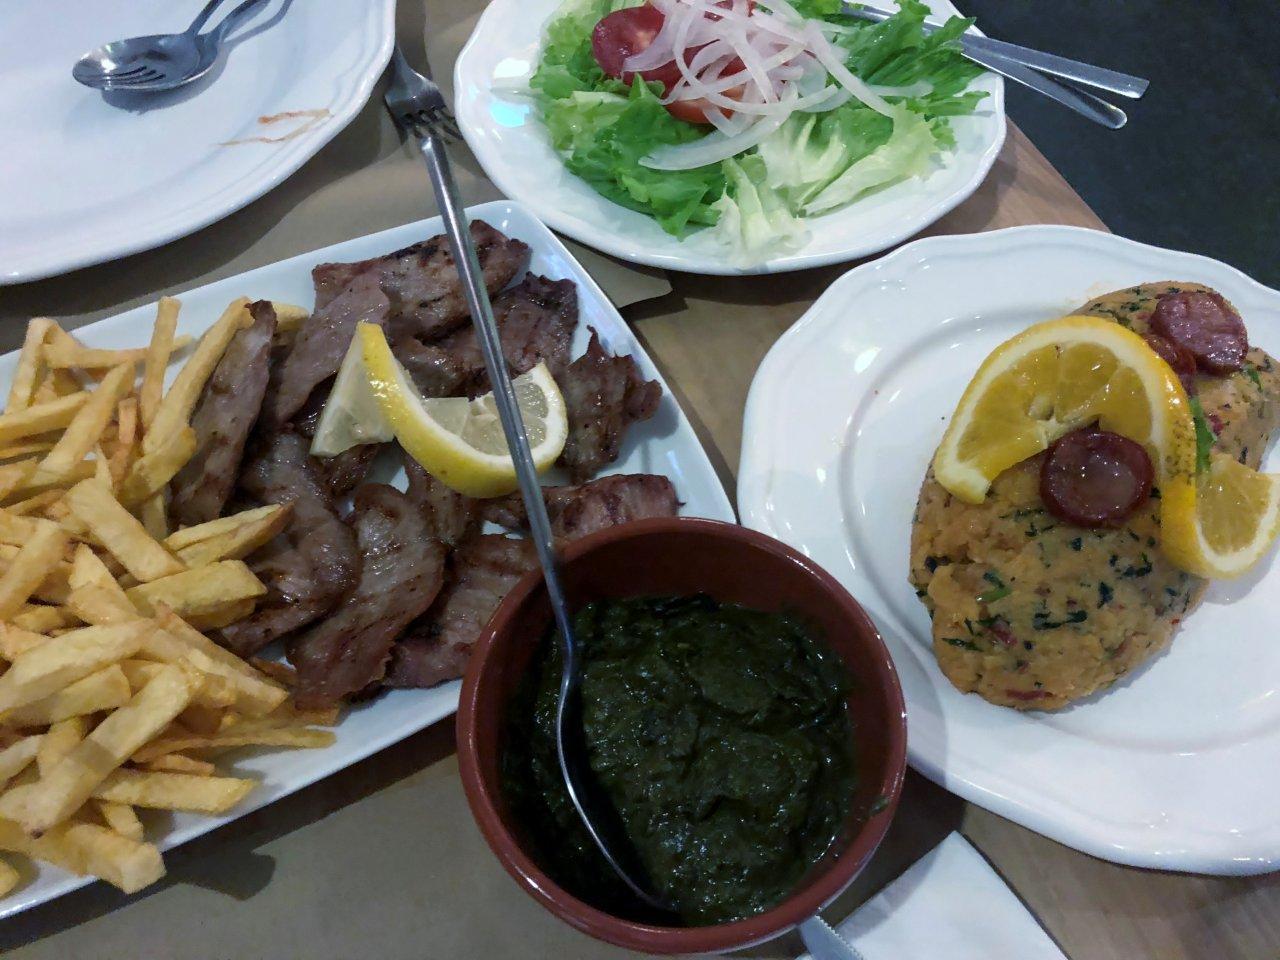 Restaurante porco preto e tinto restaurante porco preto e tinto Restaurante Porco Preto e Tinto Restaurante porco preto e tinto 2